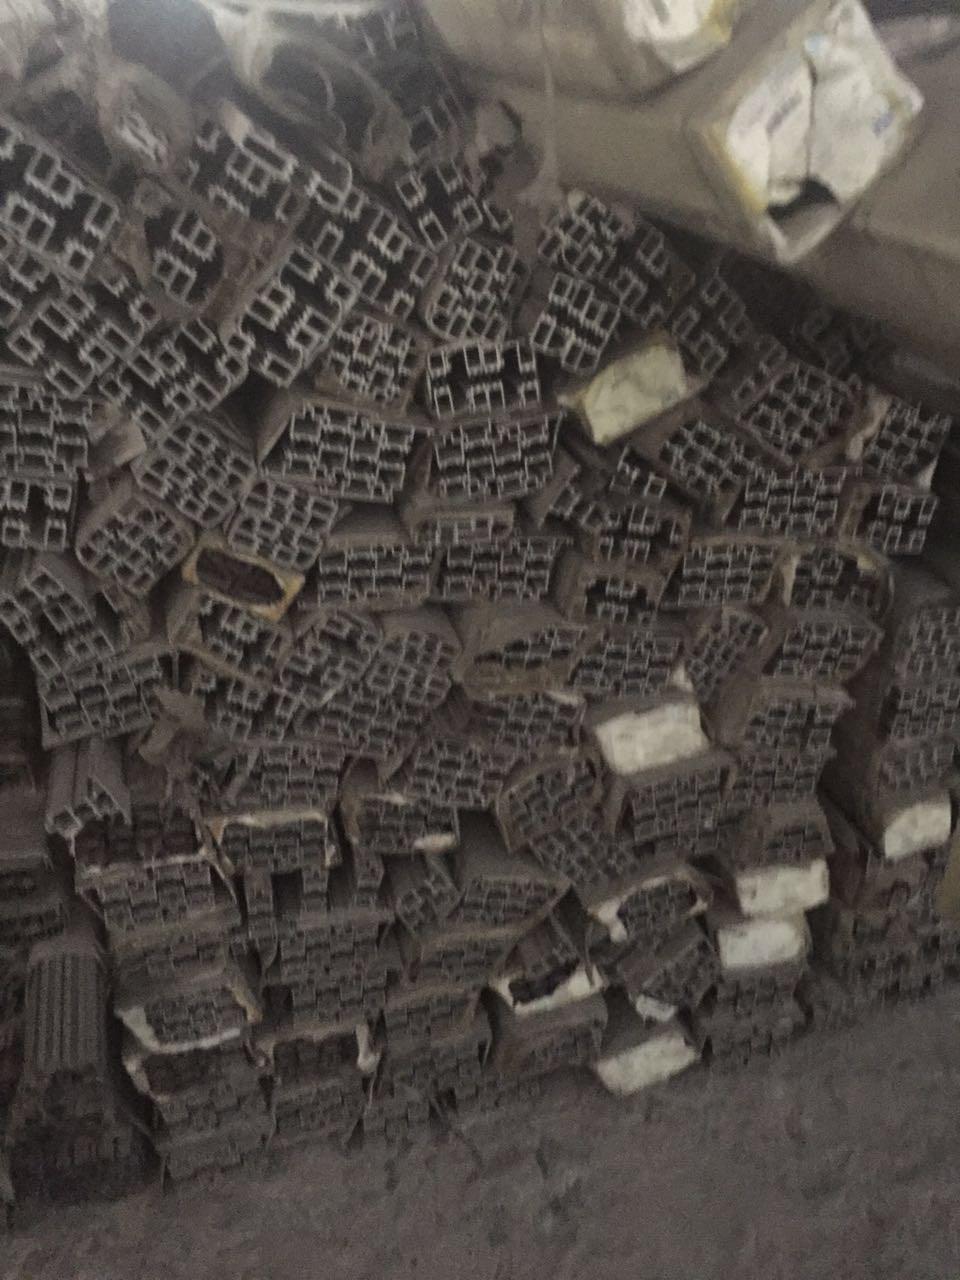 番禺废品回收公司公司免费上门估价